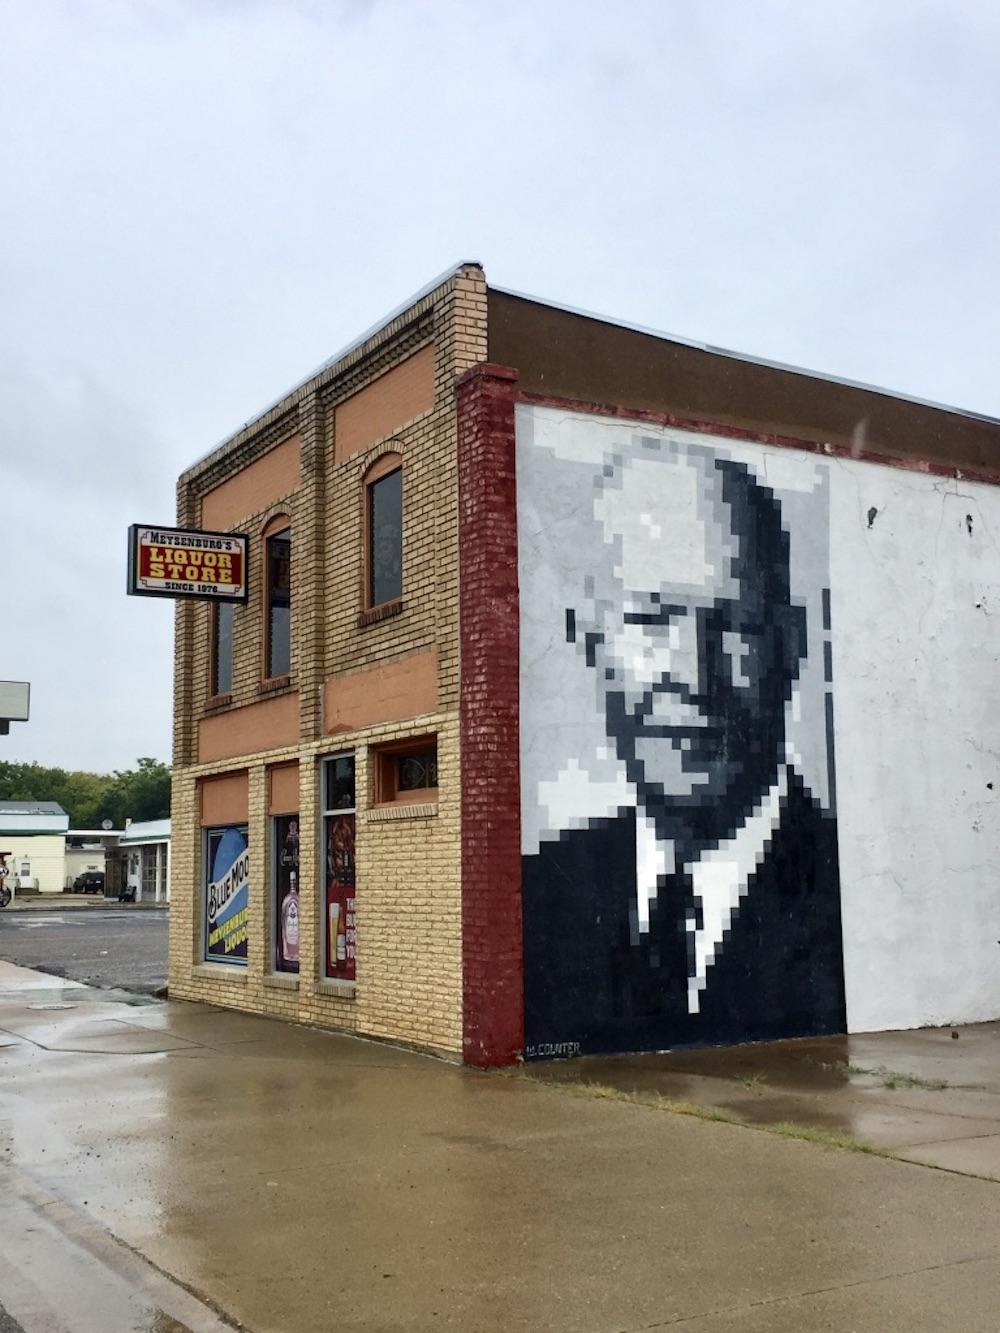 Mural of President Dwight D. Eisenhower on the side of a building in Abilene, Kansas